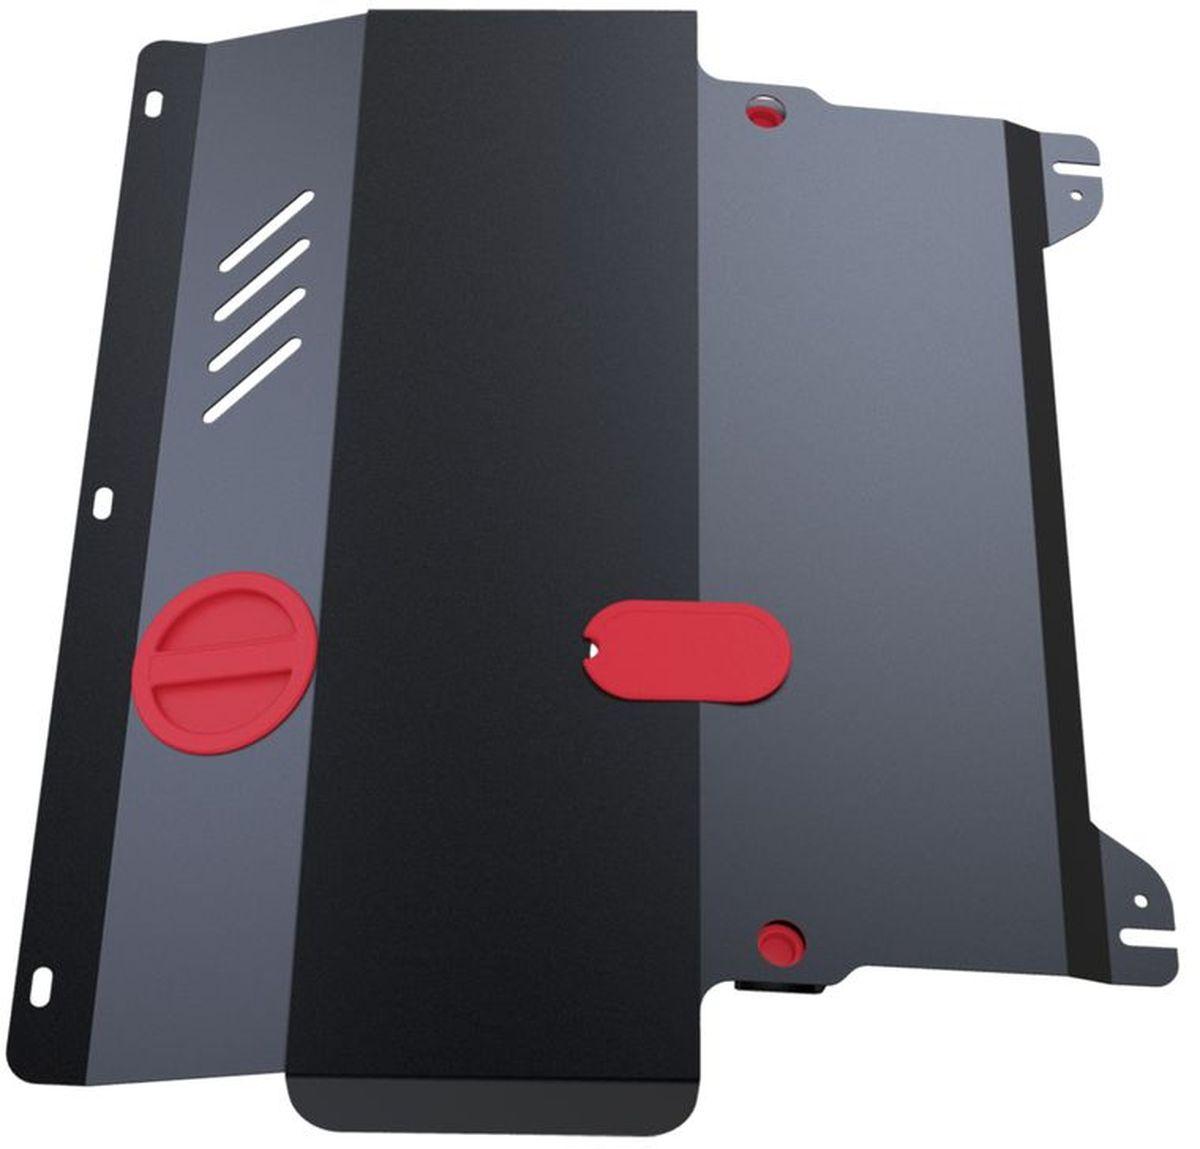 Защита картера и КПП Автоброня, для Mazda 2/Demio. 111.03801.2111.03801.2Технологически совершенный продукт за невысокую стоимость. Защита разработана с учетом особенностей днища автомобиля, что позволяет сохранить дорожный просвет с минимальным изменением. Защита устанавливается в штатные места кузова автомобиля. Глубокий штамп обеспечивает до двух раз больше жесткости в сравнении с обычной защитой той же толщины. Проштампованные ребра жесткости препятствуют деформации защиты при ударах. Тепловой зазор и вентиляционные отверстия обеспечивают сохранение температурного режима двигателя в норме. Скрытый крепеж предотвращает срыв крепежных элементов при наезде на препятствие. Шумопоглощающие резиновые элементы обеспечивают комфортную езду без вибраций и скрежета металла, а съемные лючки для слива масла и замены фильтра - экономию средств и время. Конструкция изделия не влияет на пассивную безопасность автомобиля (при ударе защита не воздействует на деформационные зоны кузова). Со штатным крепежом. В комплекте инструкция по...